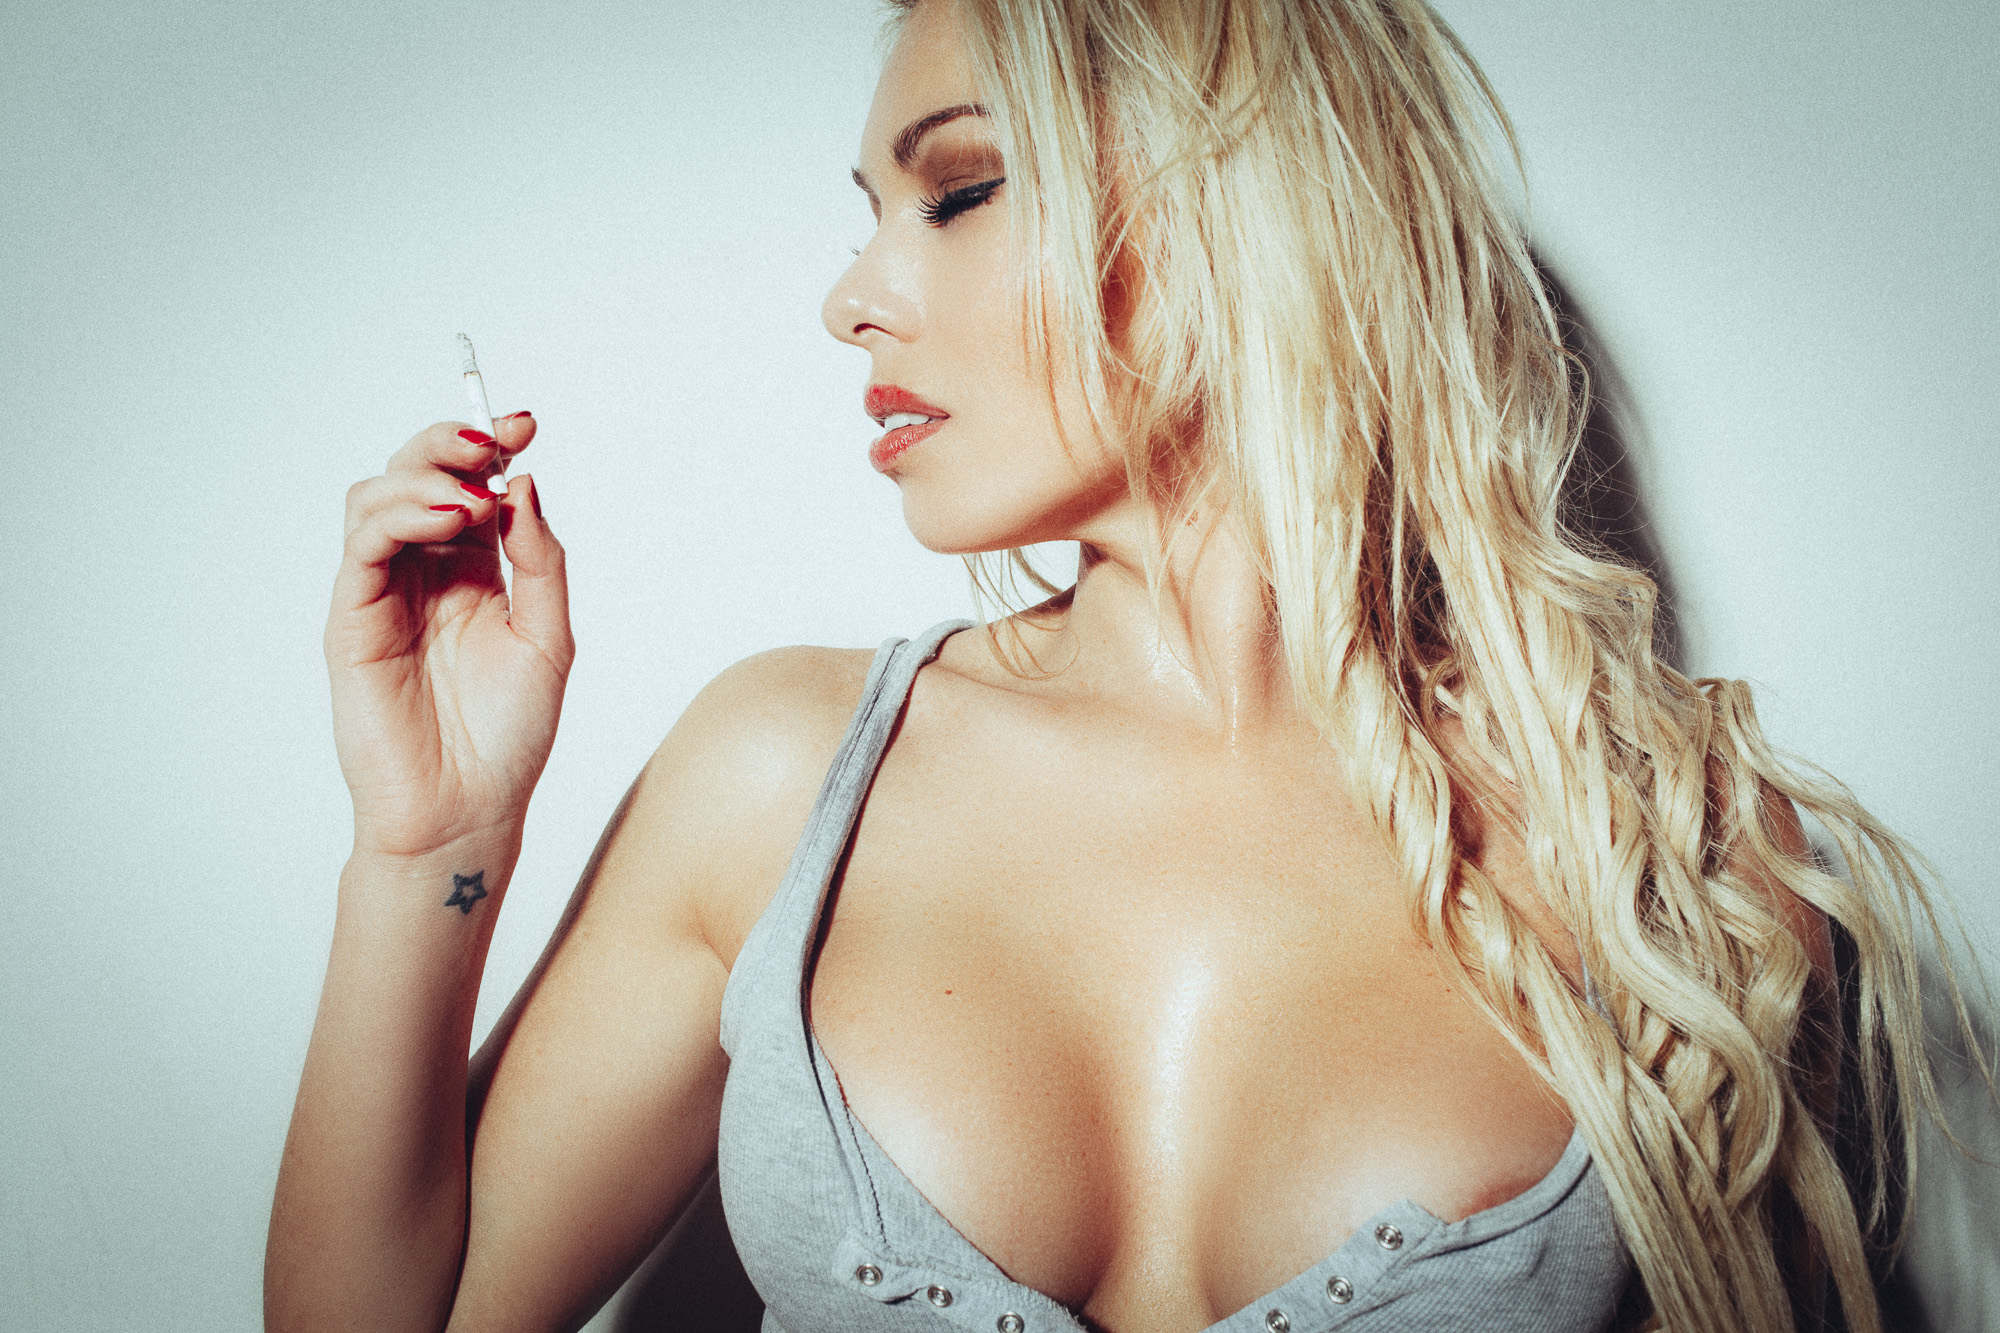 Model: Larissa Zolotar